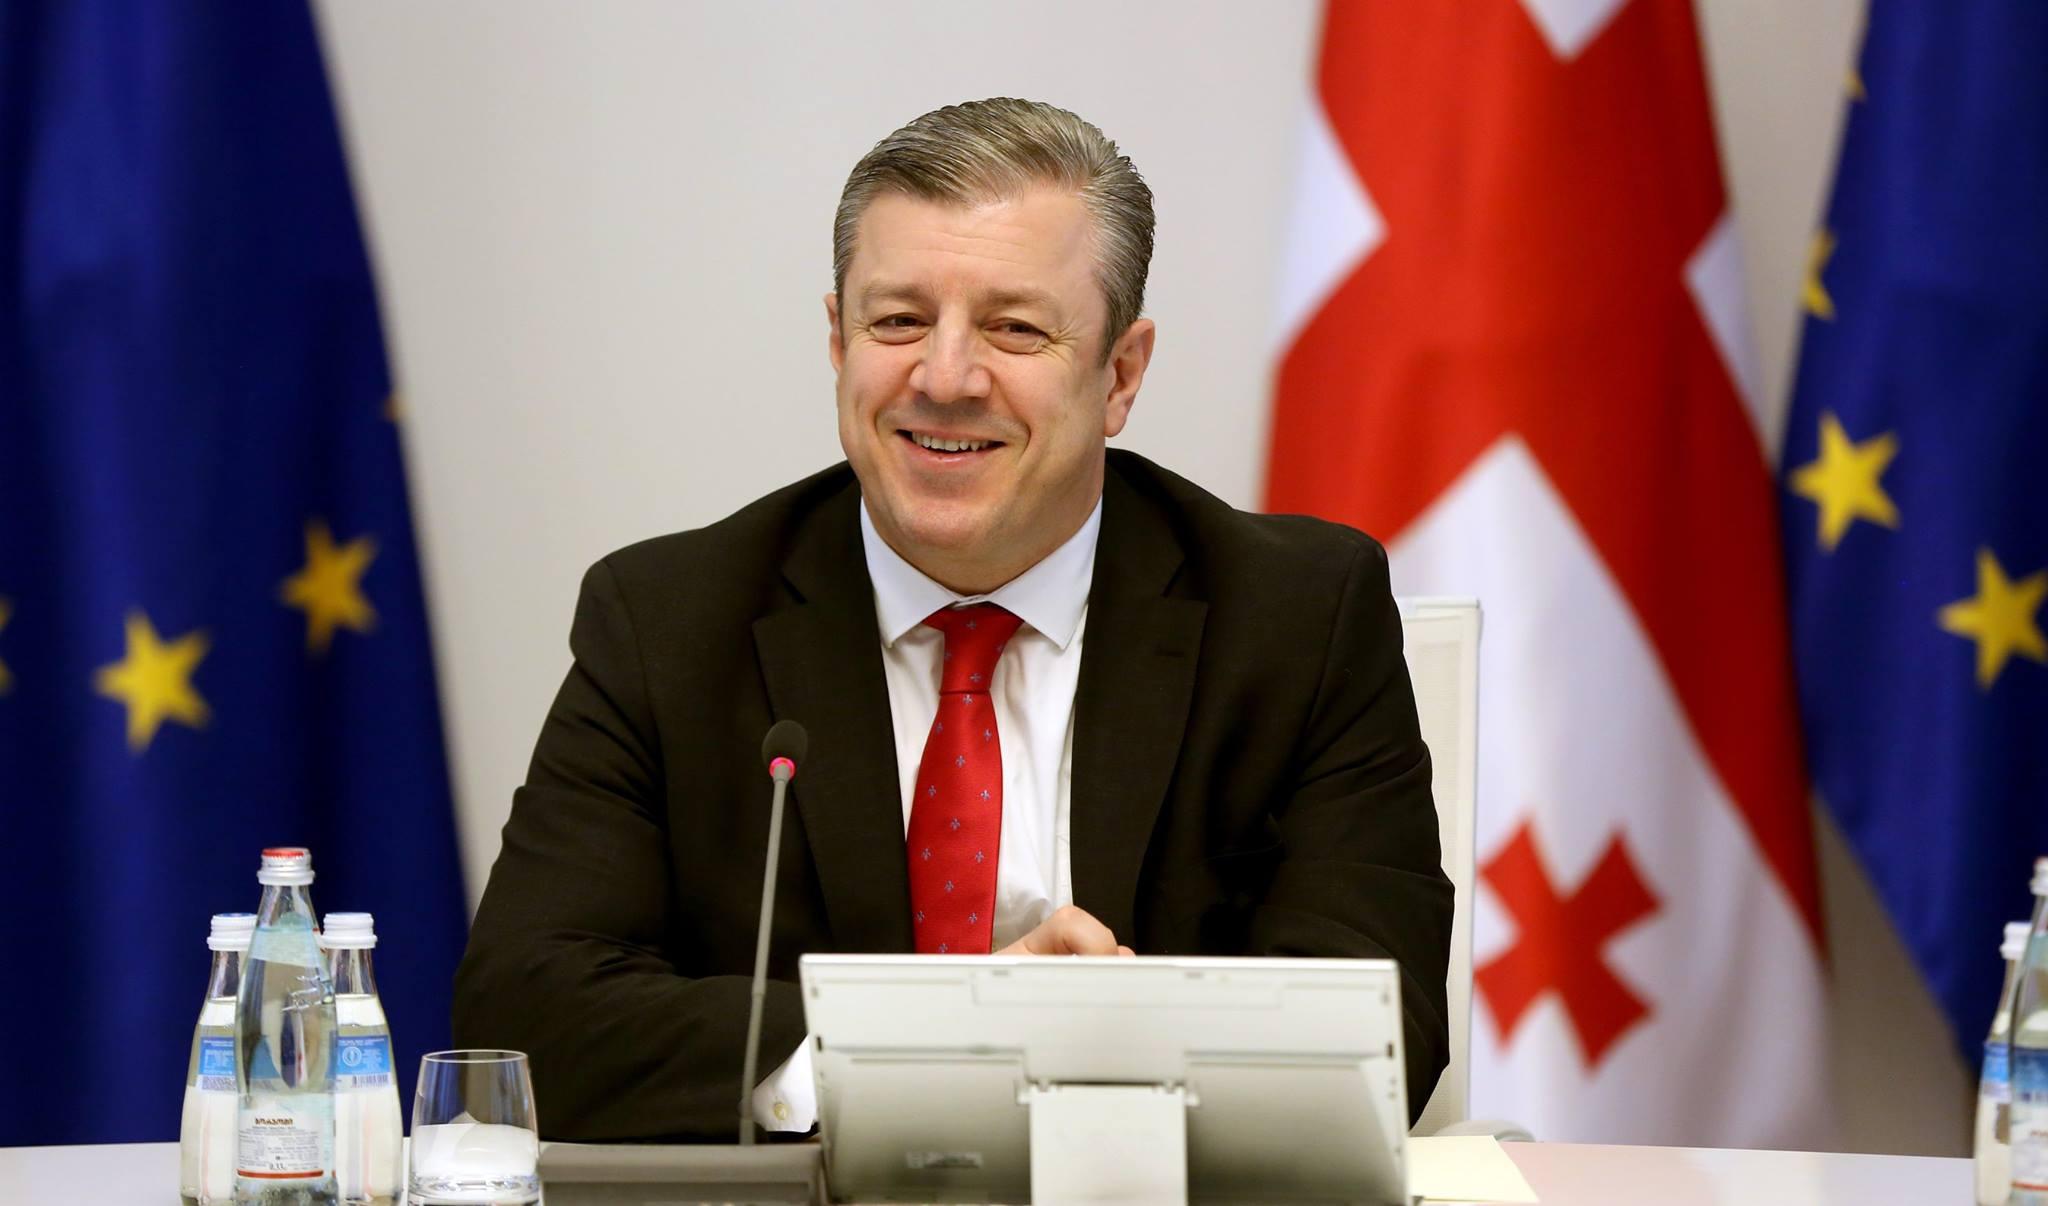 Премьер Грузии благодарит европейских политиков за поддержку в процессе либерализации визового режима